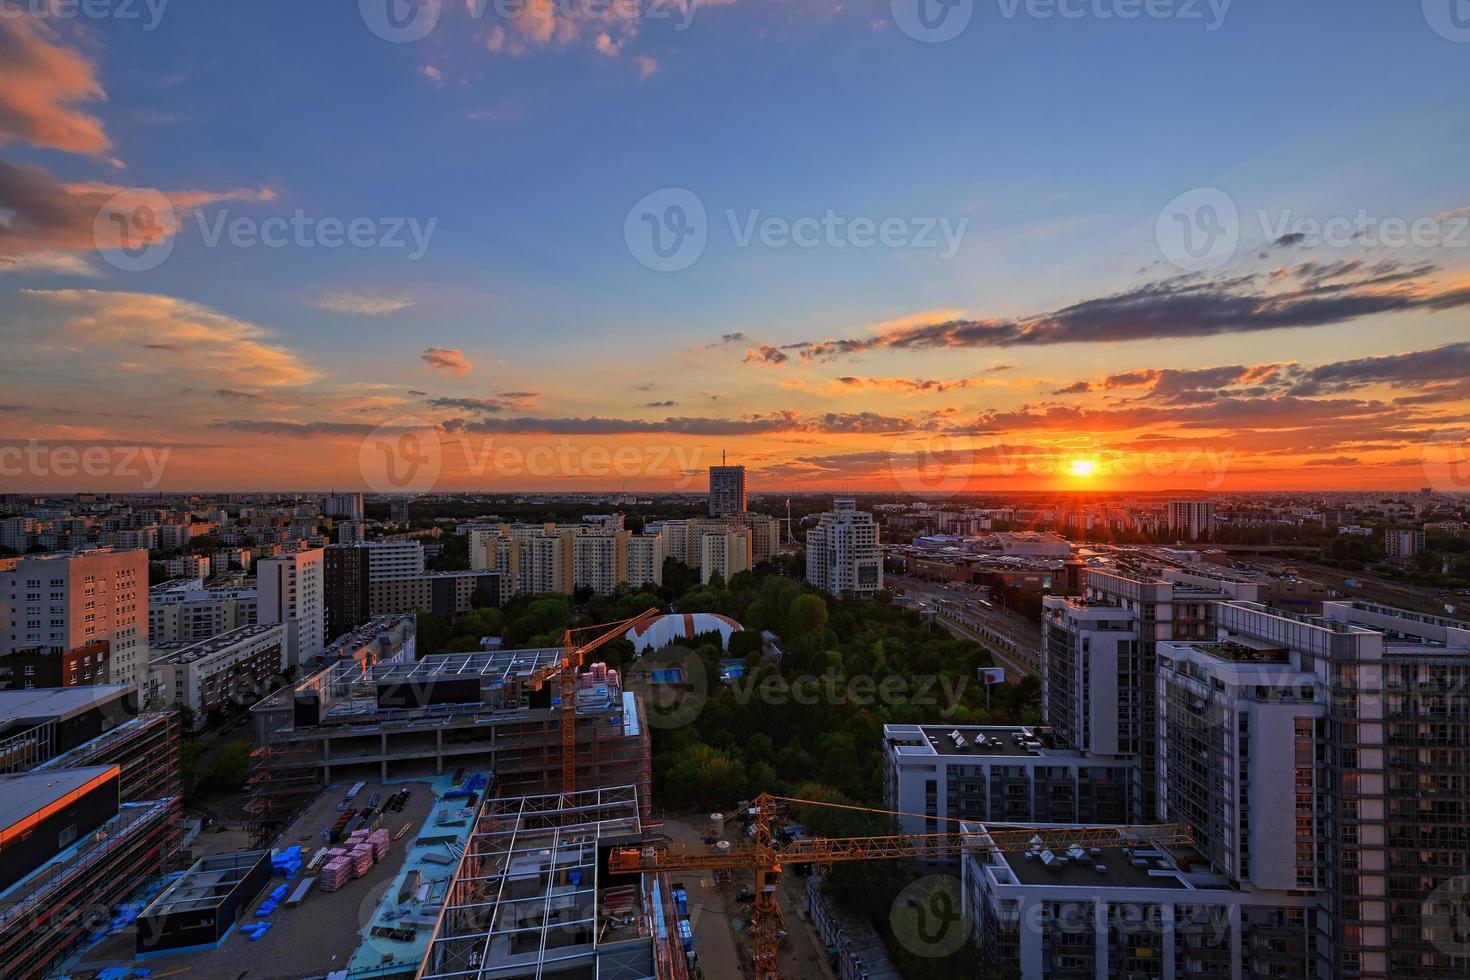 coucher de soleil sur Varsovie photo